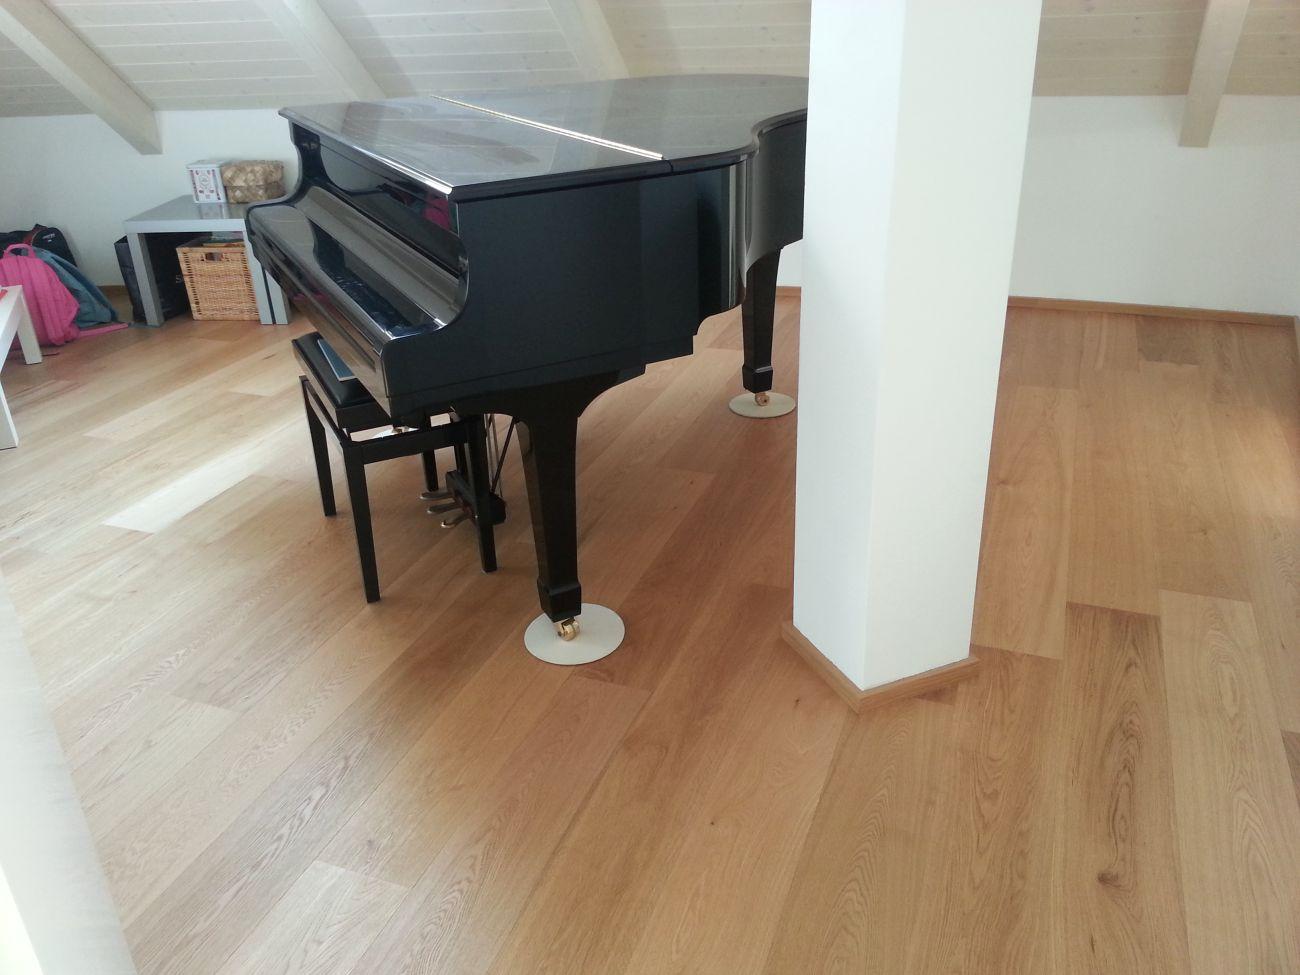 Prodotti per la pulizia del parquet soriano pavimenti in for Pulizia parquet